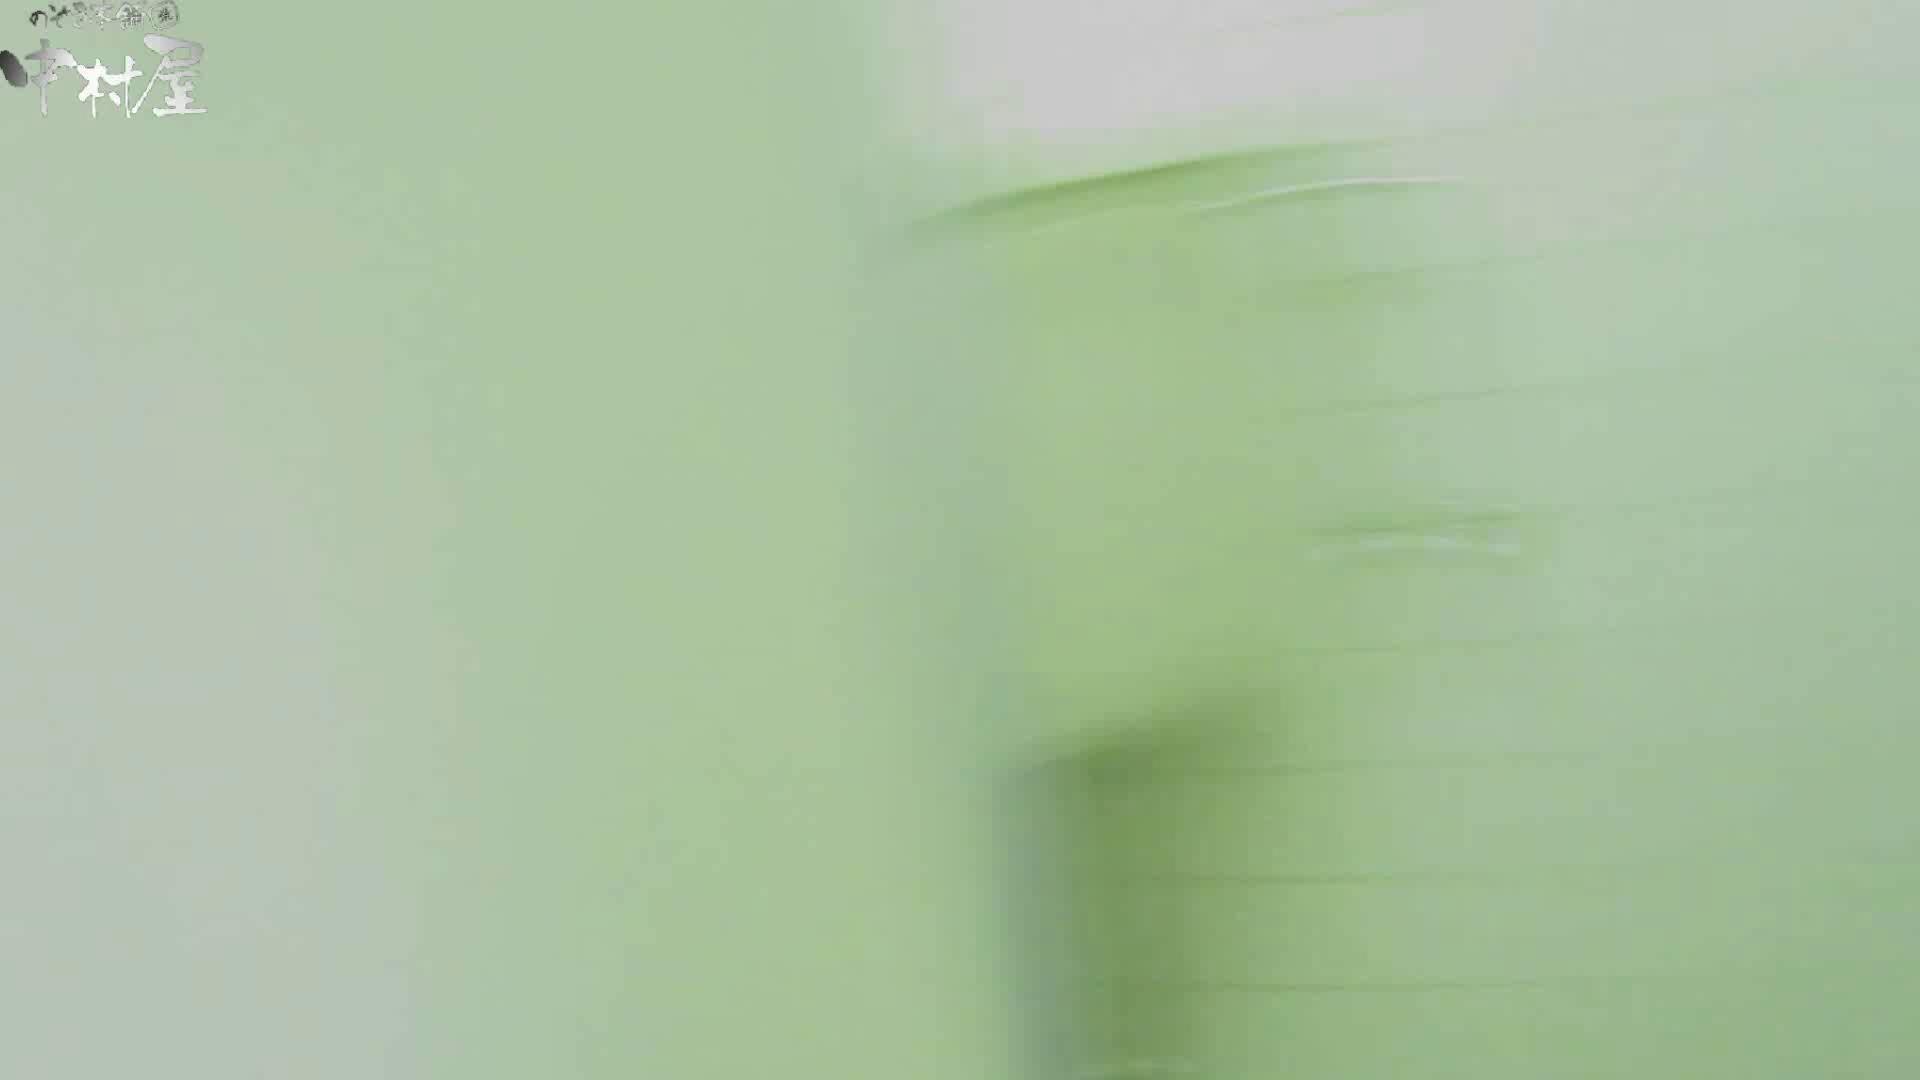 魂のかわや盗撮62連発! 長~い!黄金水! 41発目! 黄金水   盗撮師作品  75pic 31